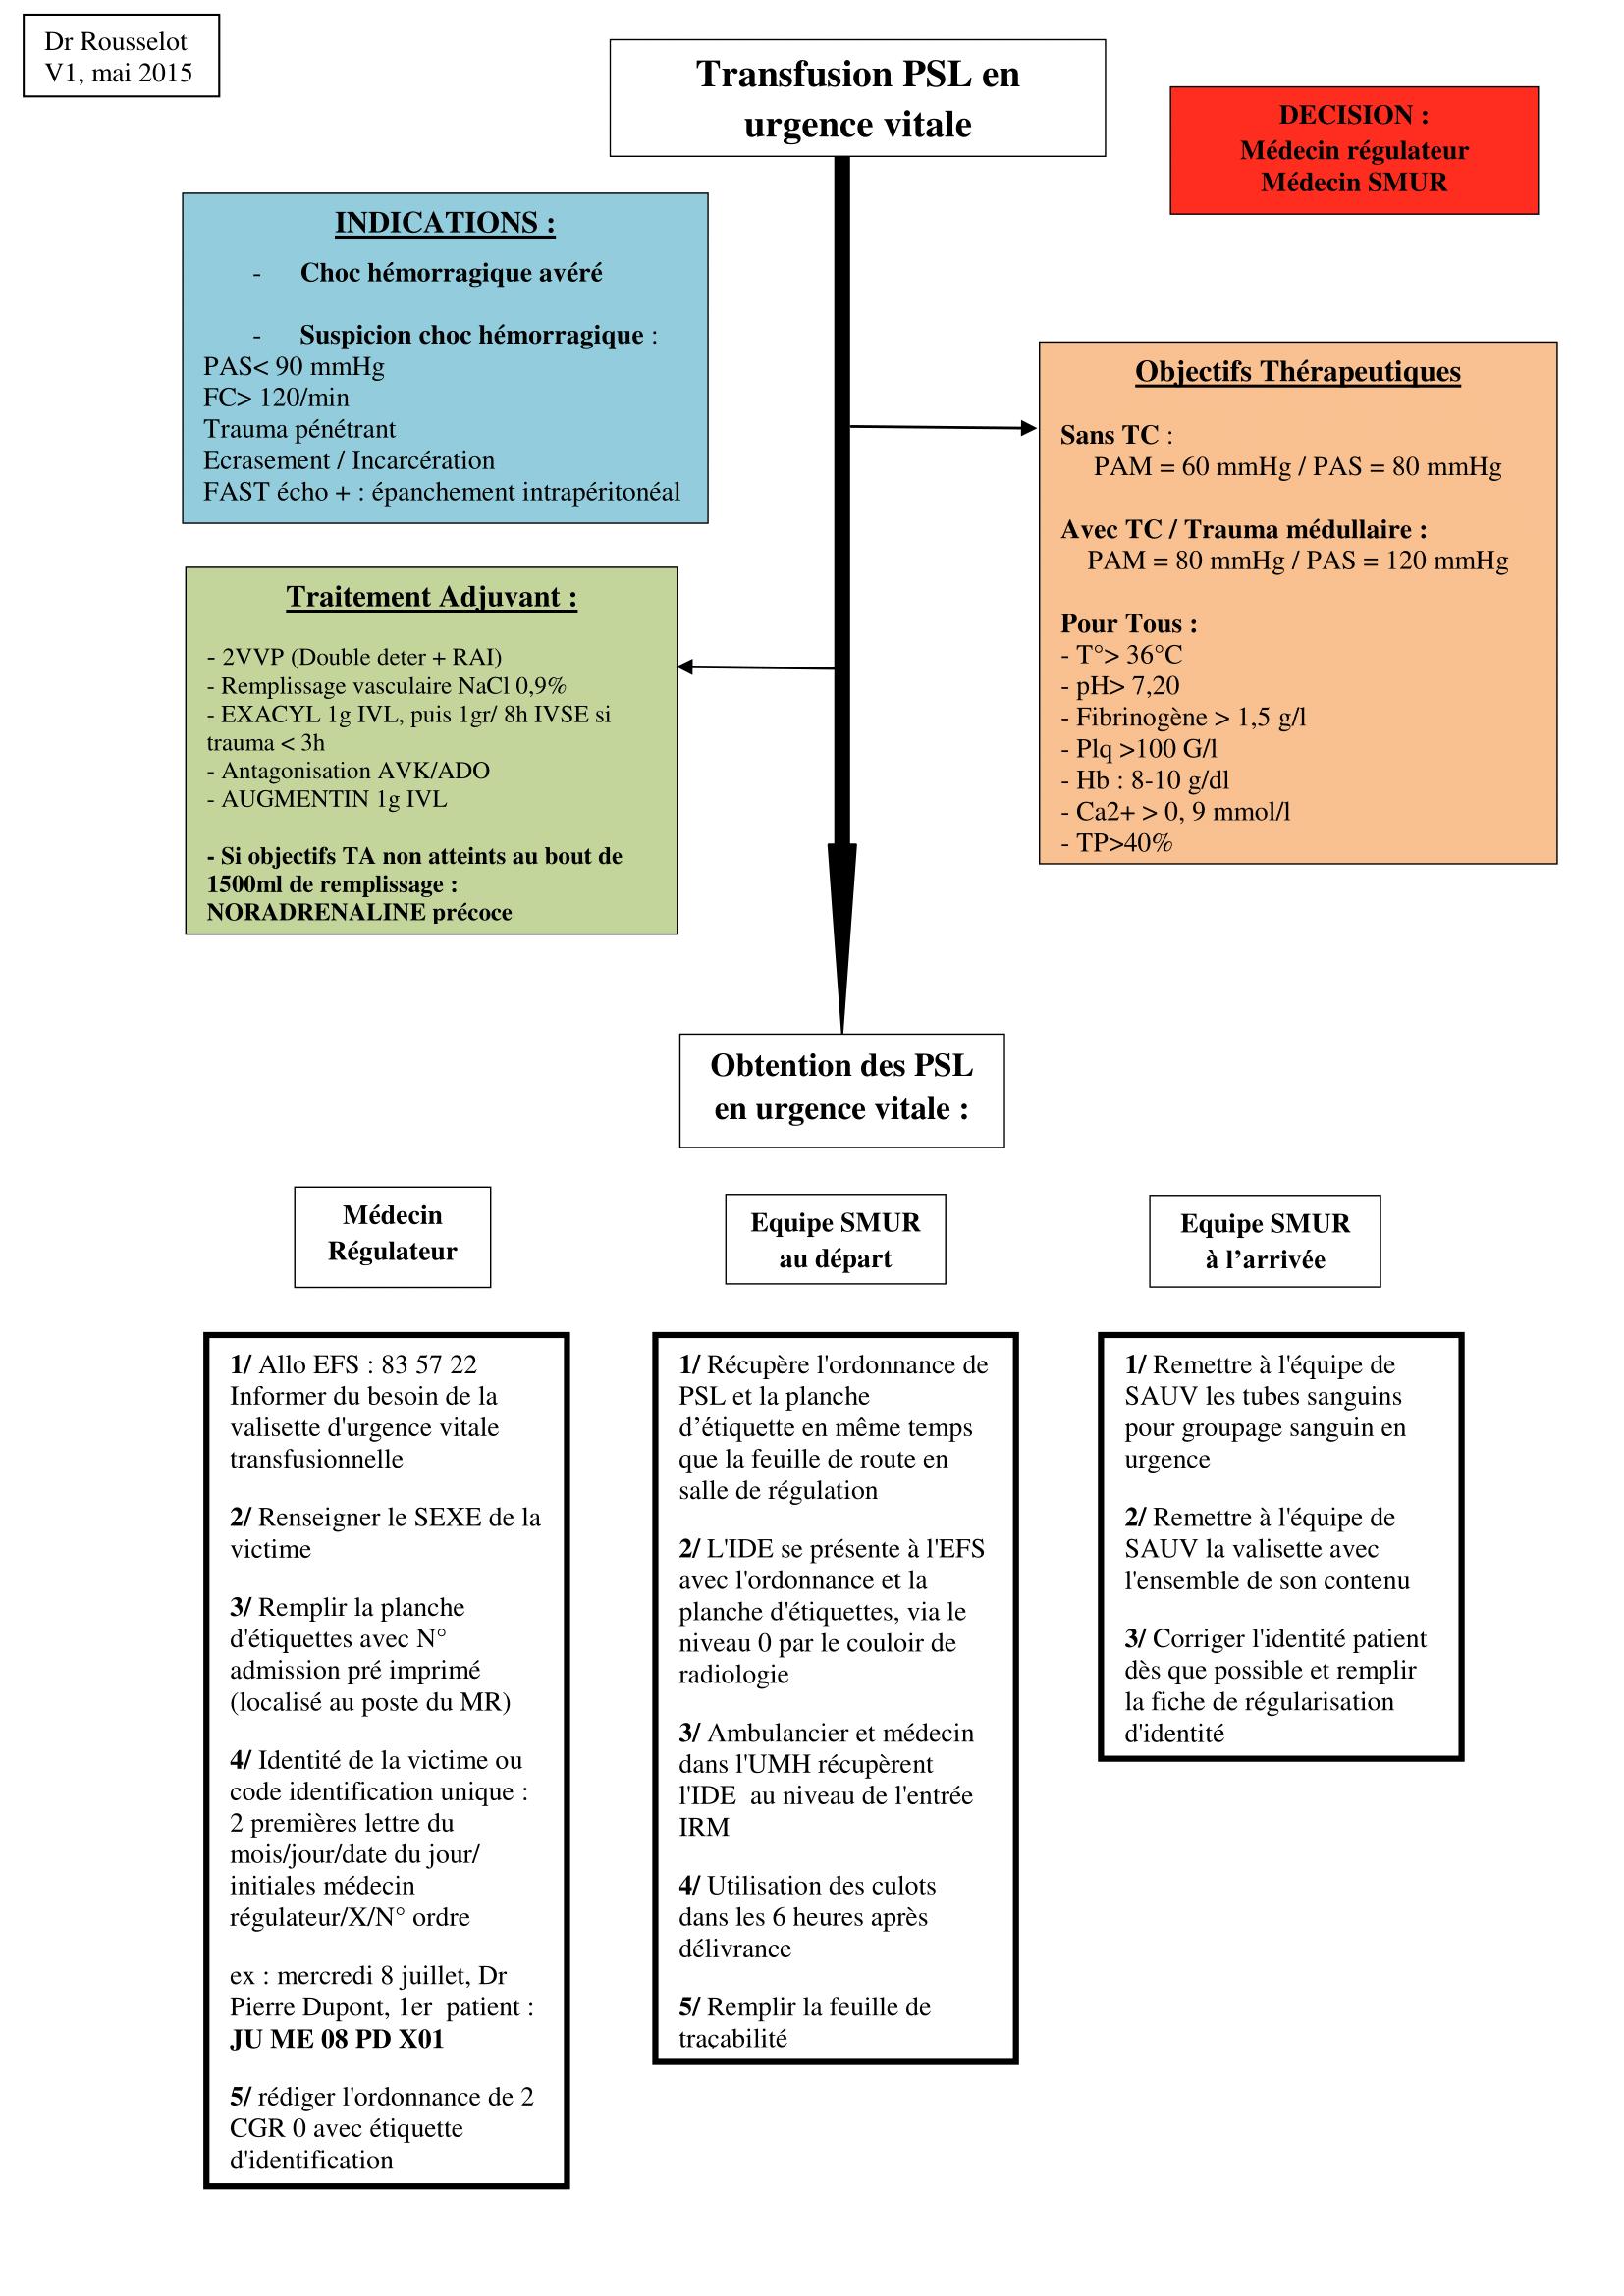 protocole-transfusion-urgence-vitale-1